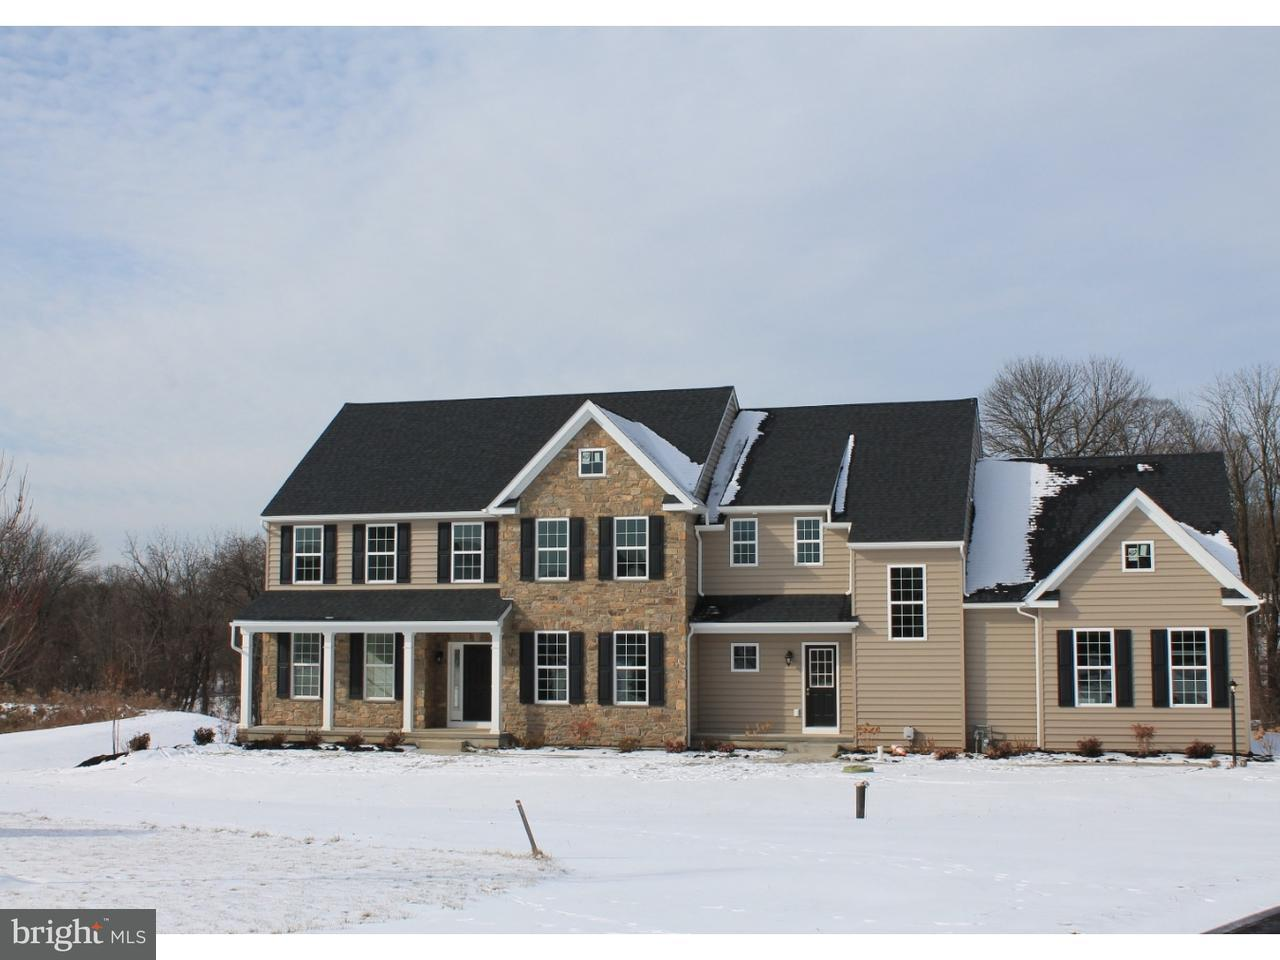 Частный односемейный дом для того Продажа на 121 OLYMPIC Road Collegeville, Пенсильвания 19426 Соединенные Штаты